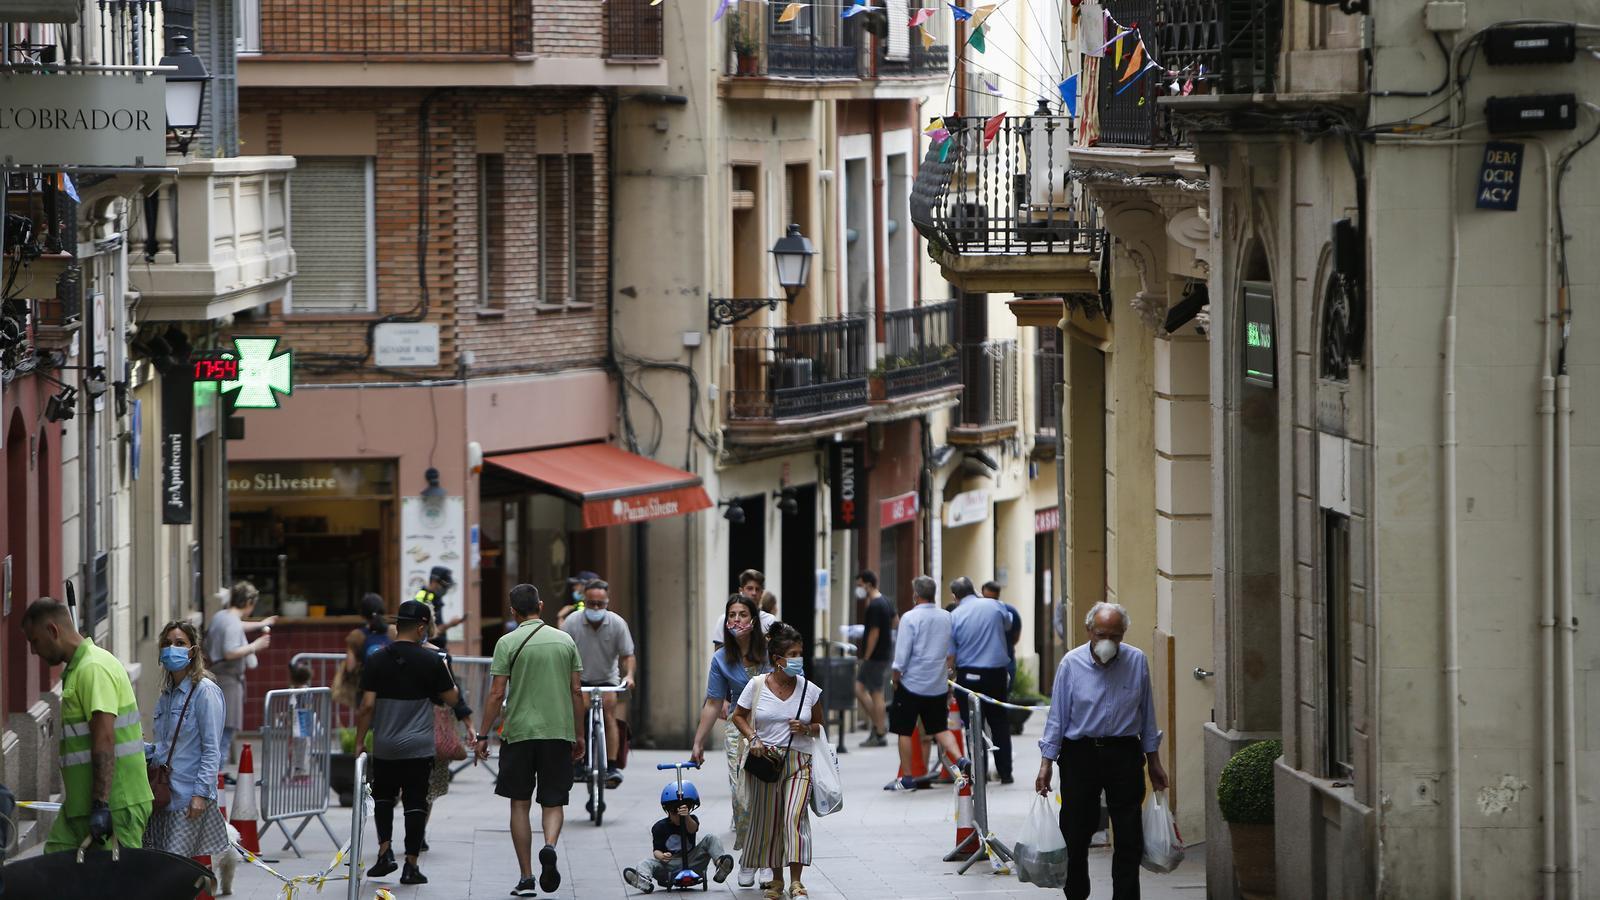 El carrer major de Sarrià aquesta setmana, en fase 1 del desconfinament / CÈLIA ATSET